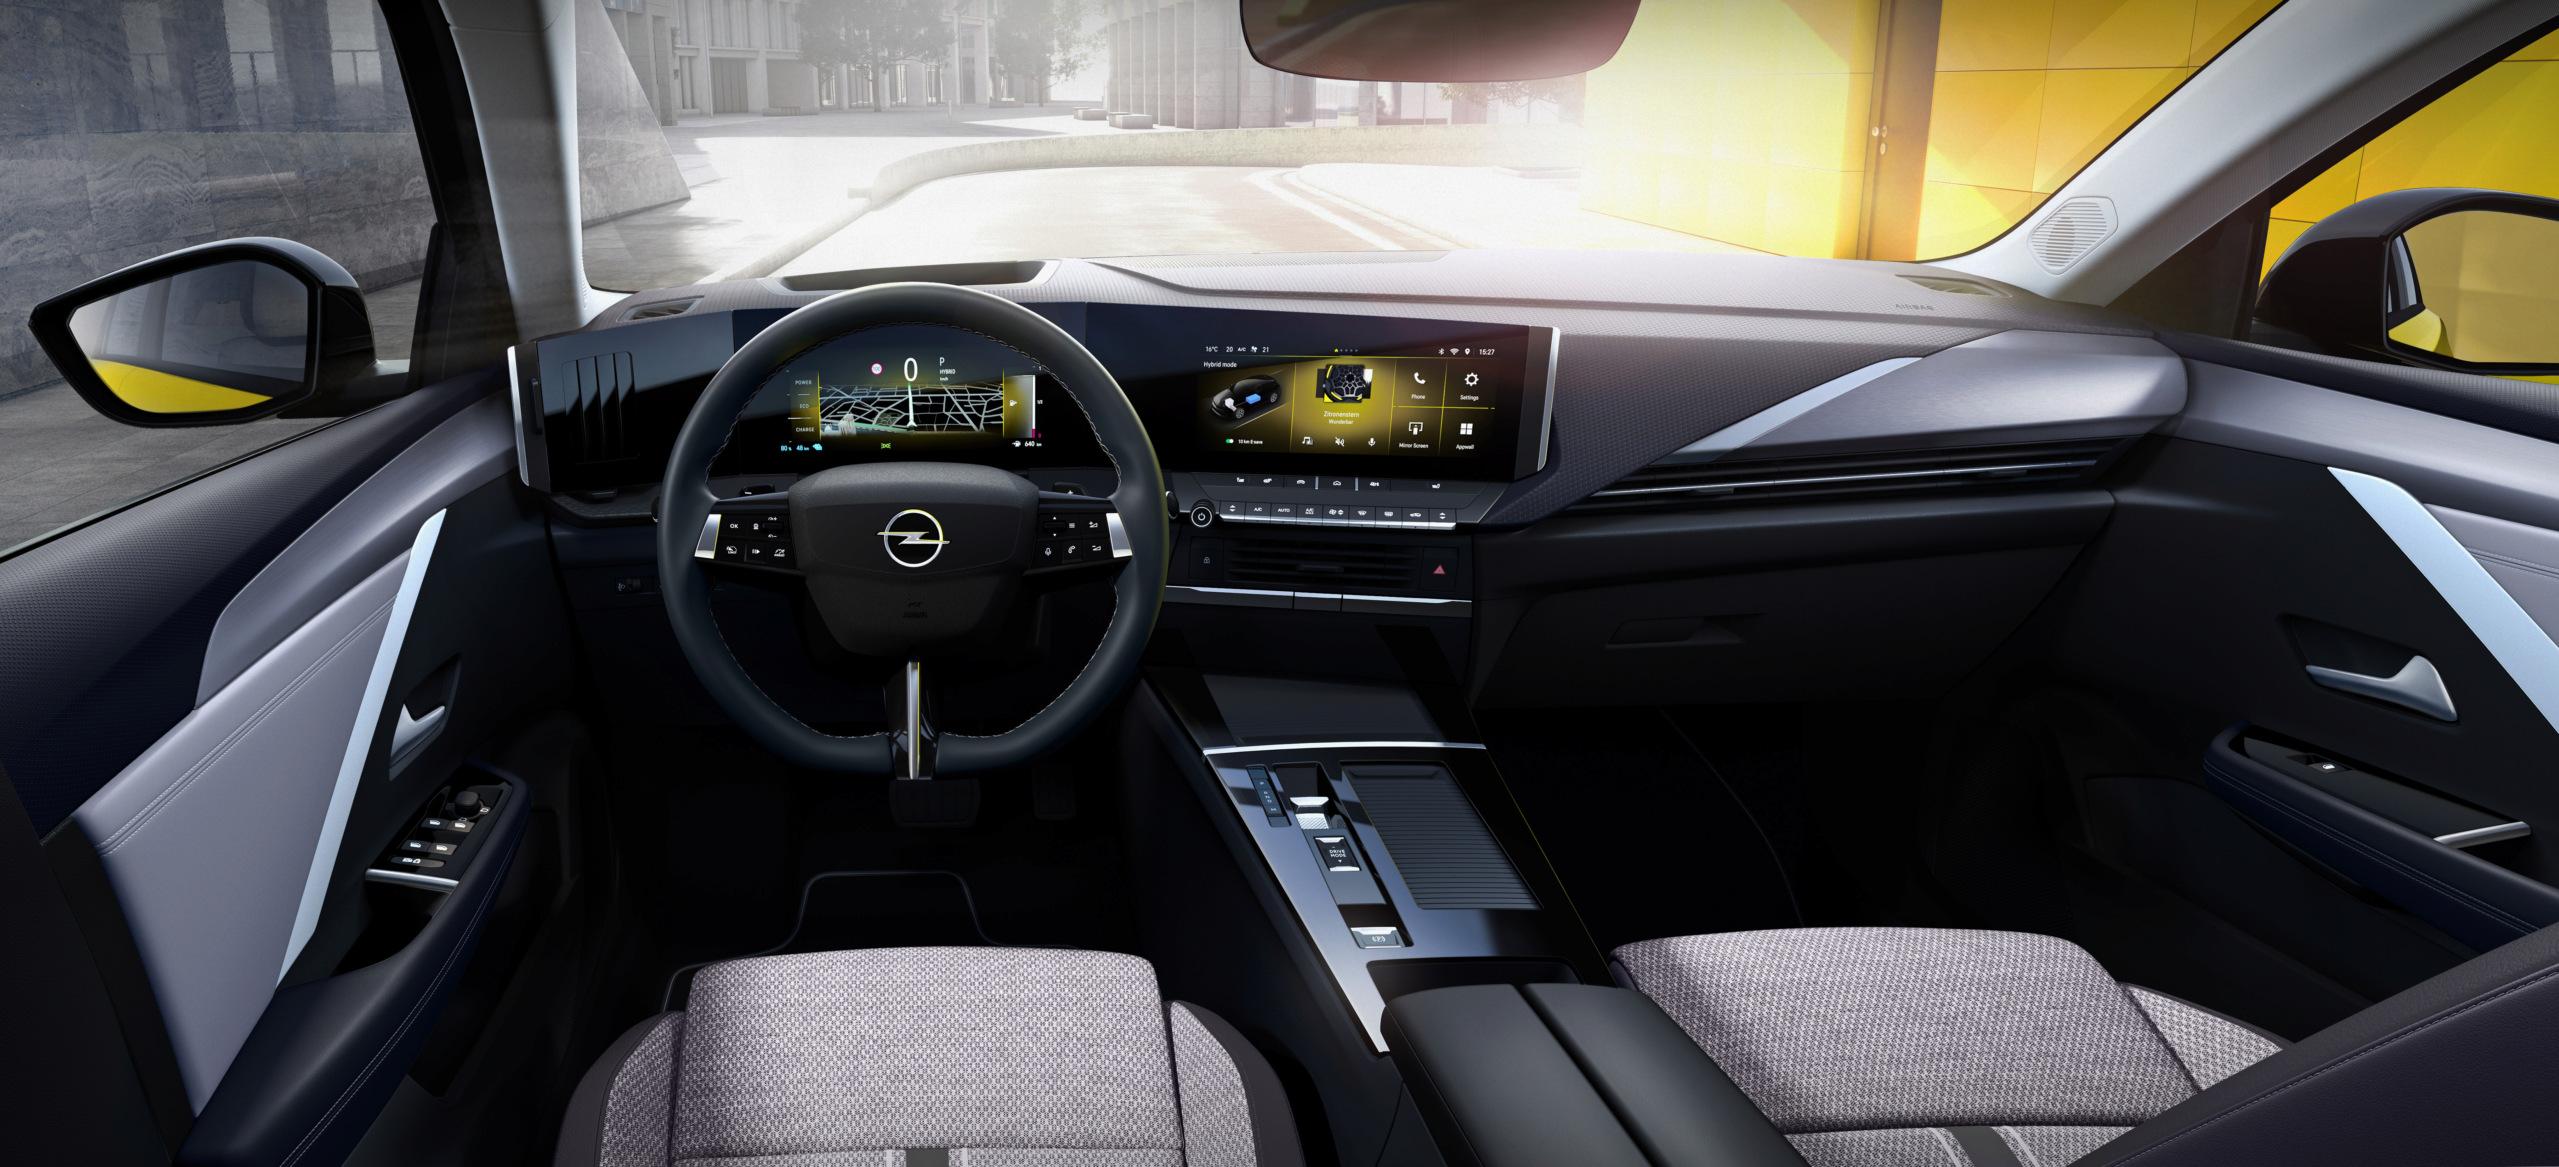 Fotos alta definición Opel Astra L  16-ope10